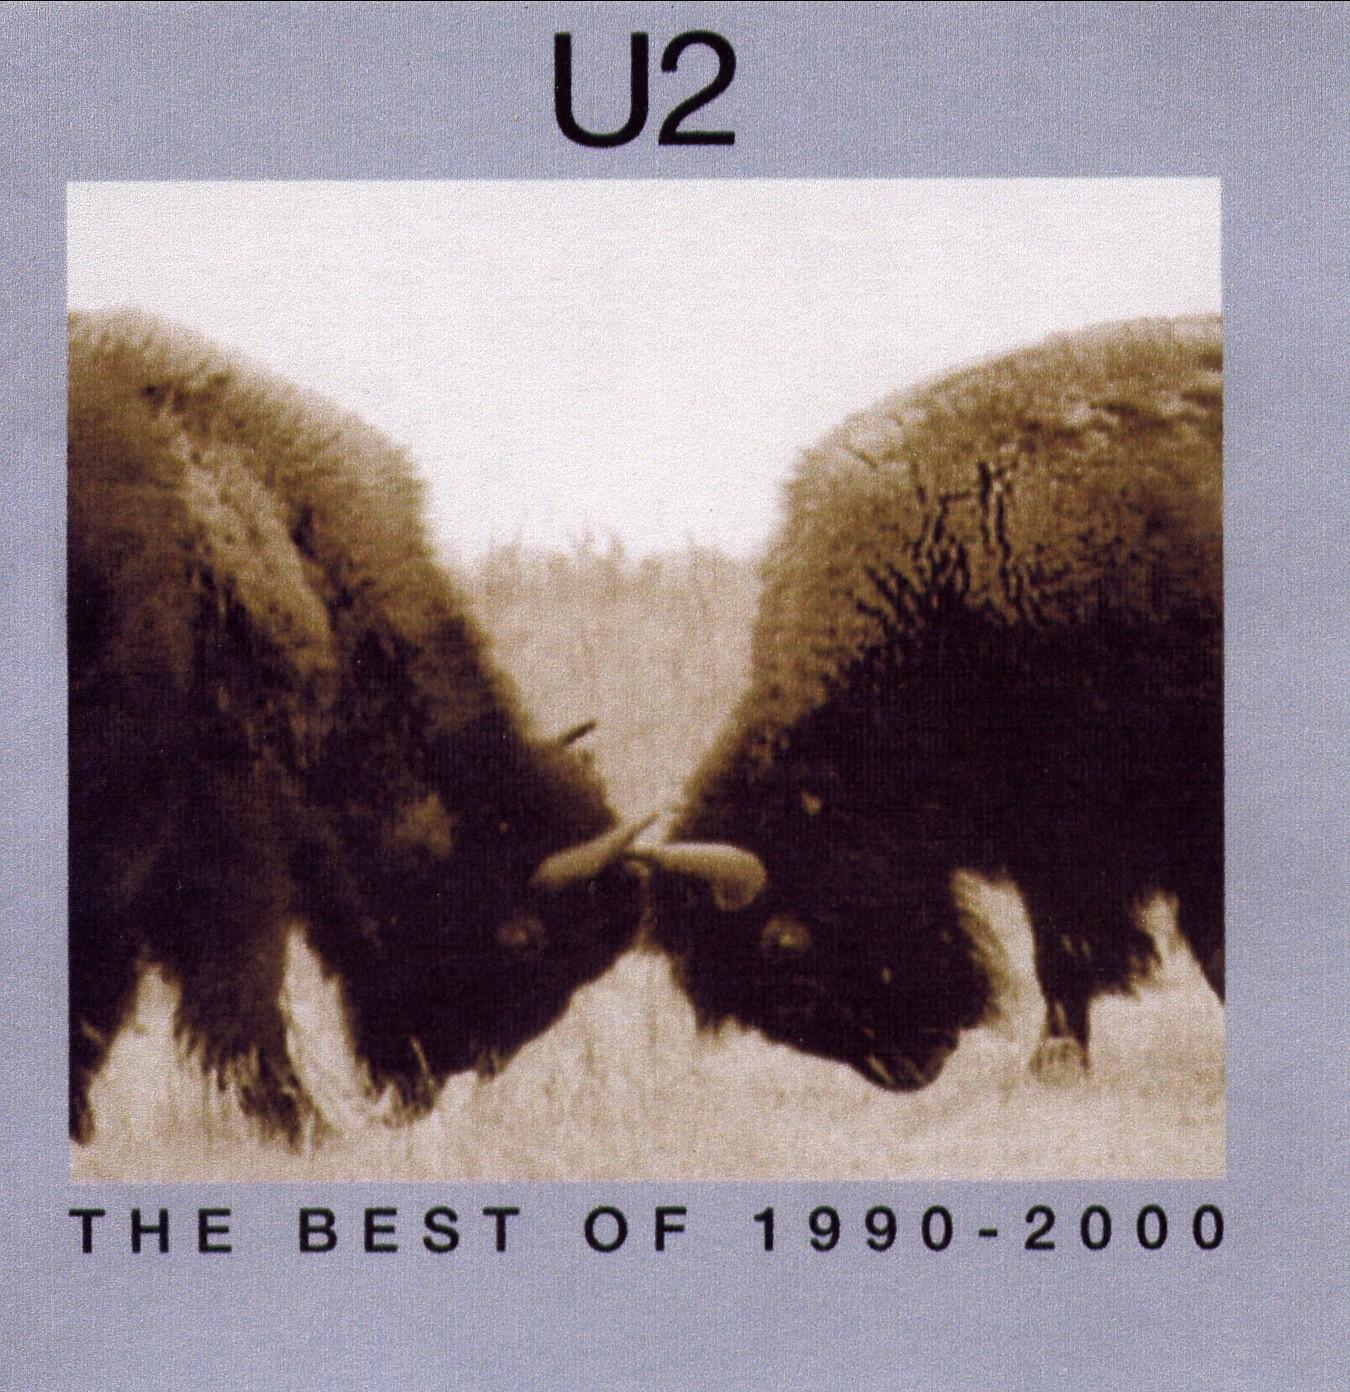 U2 - Mixer/Assistant Engineer